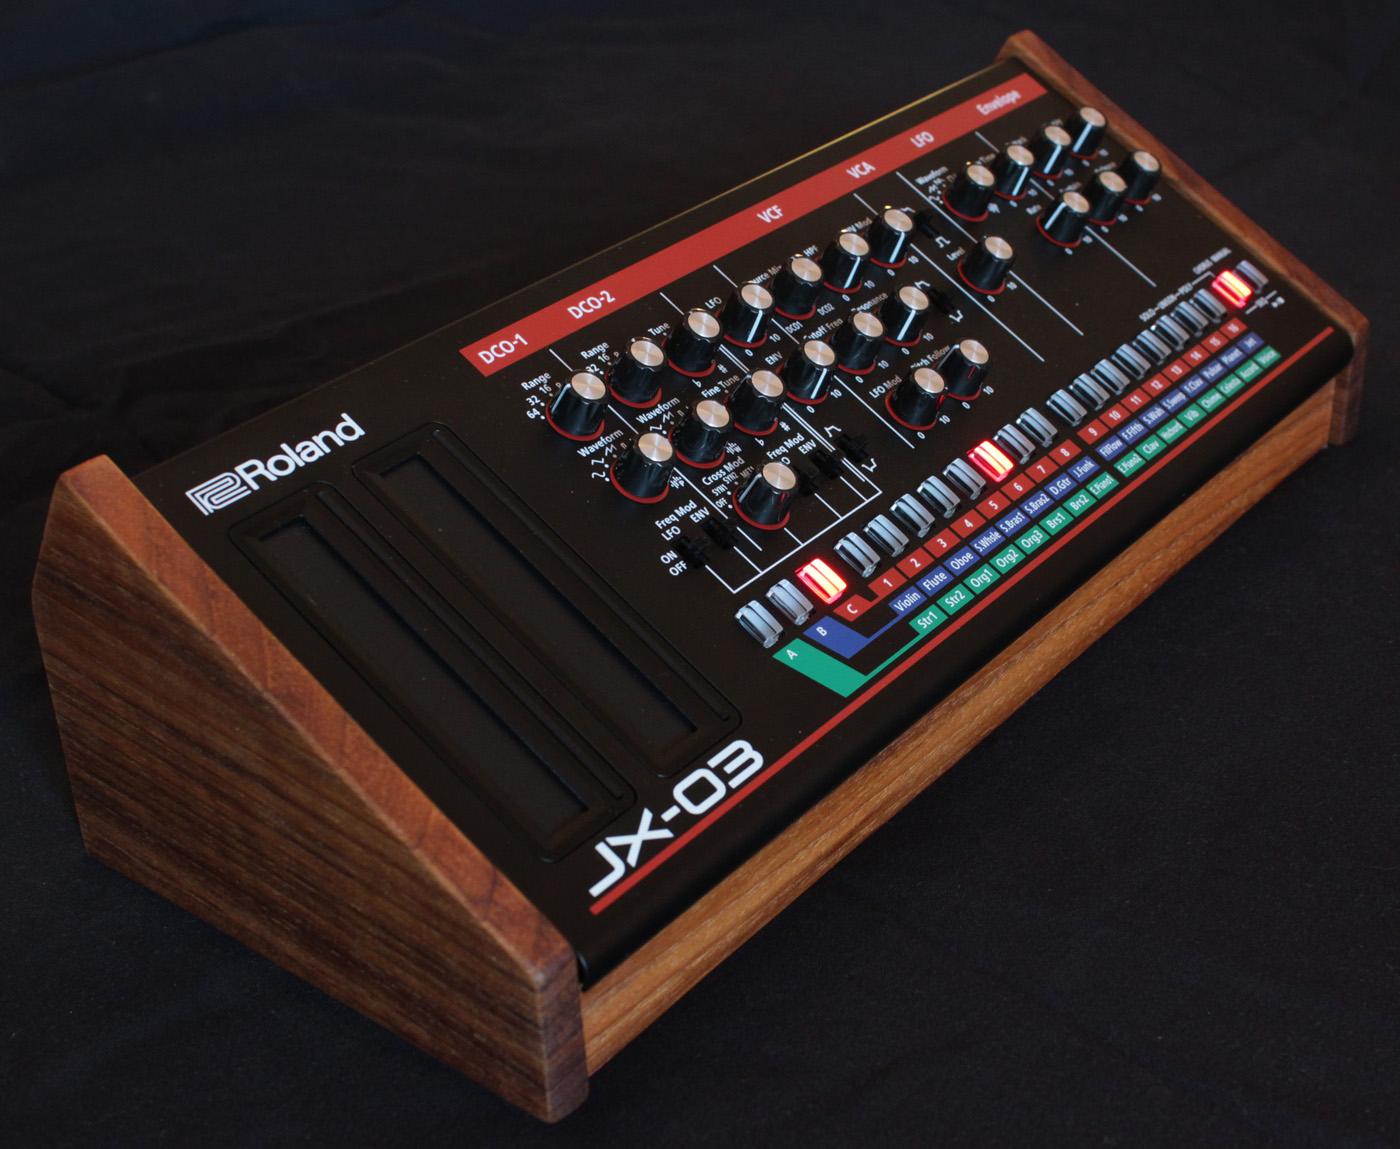 jx03-wood